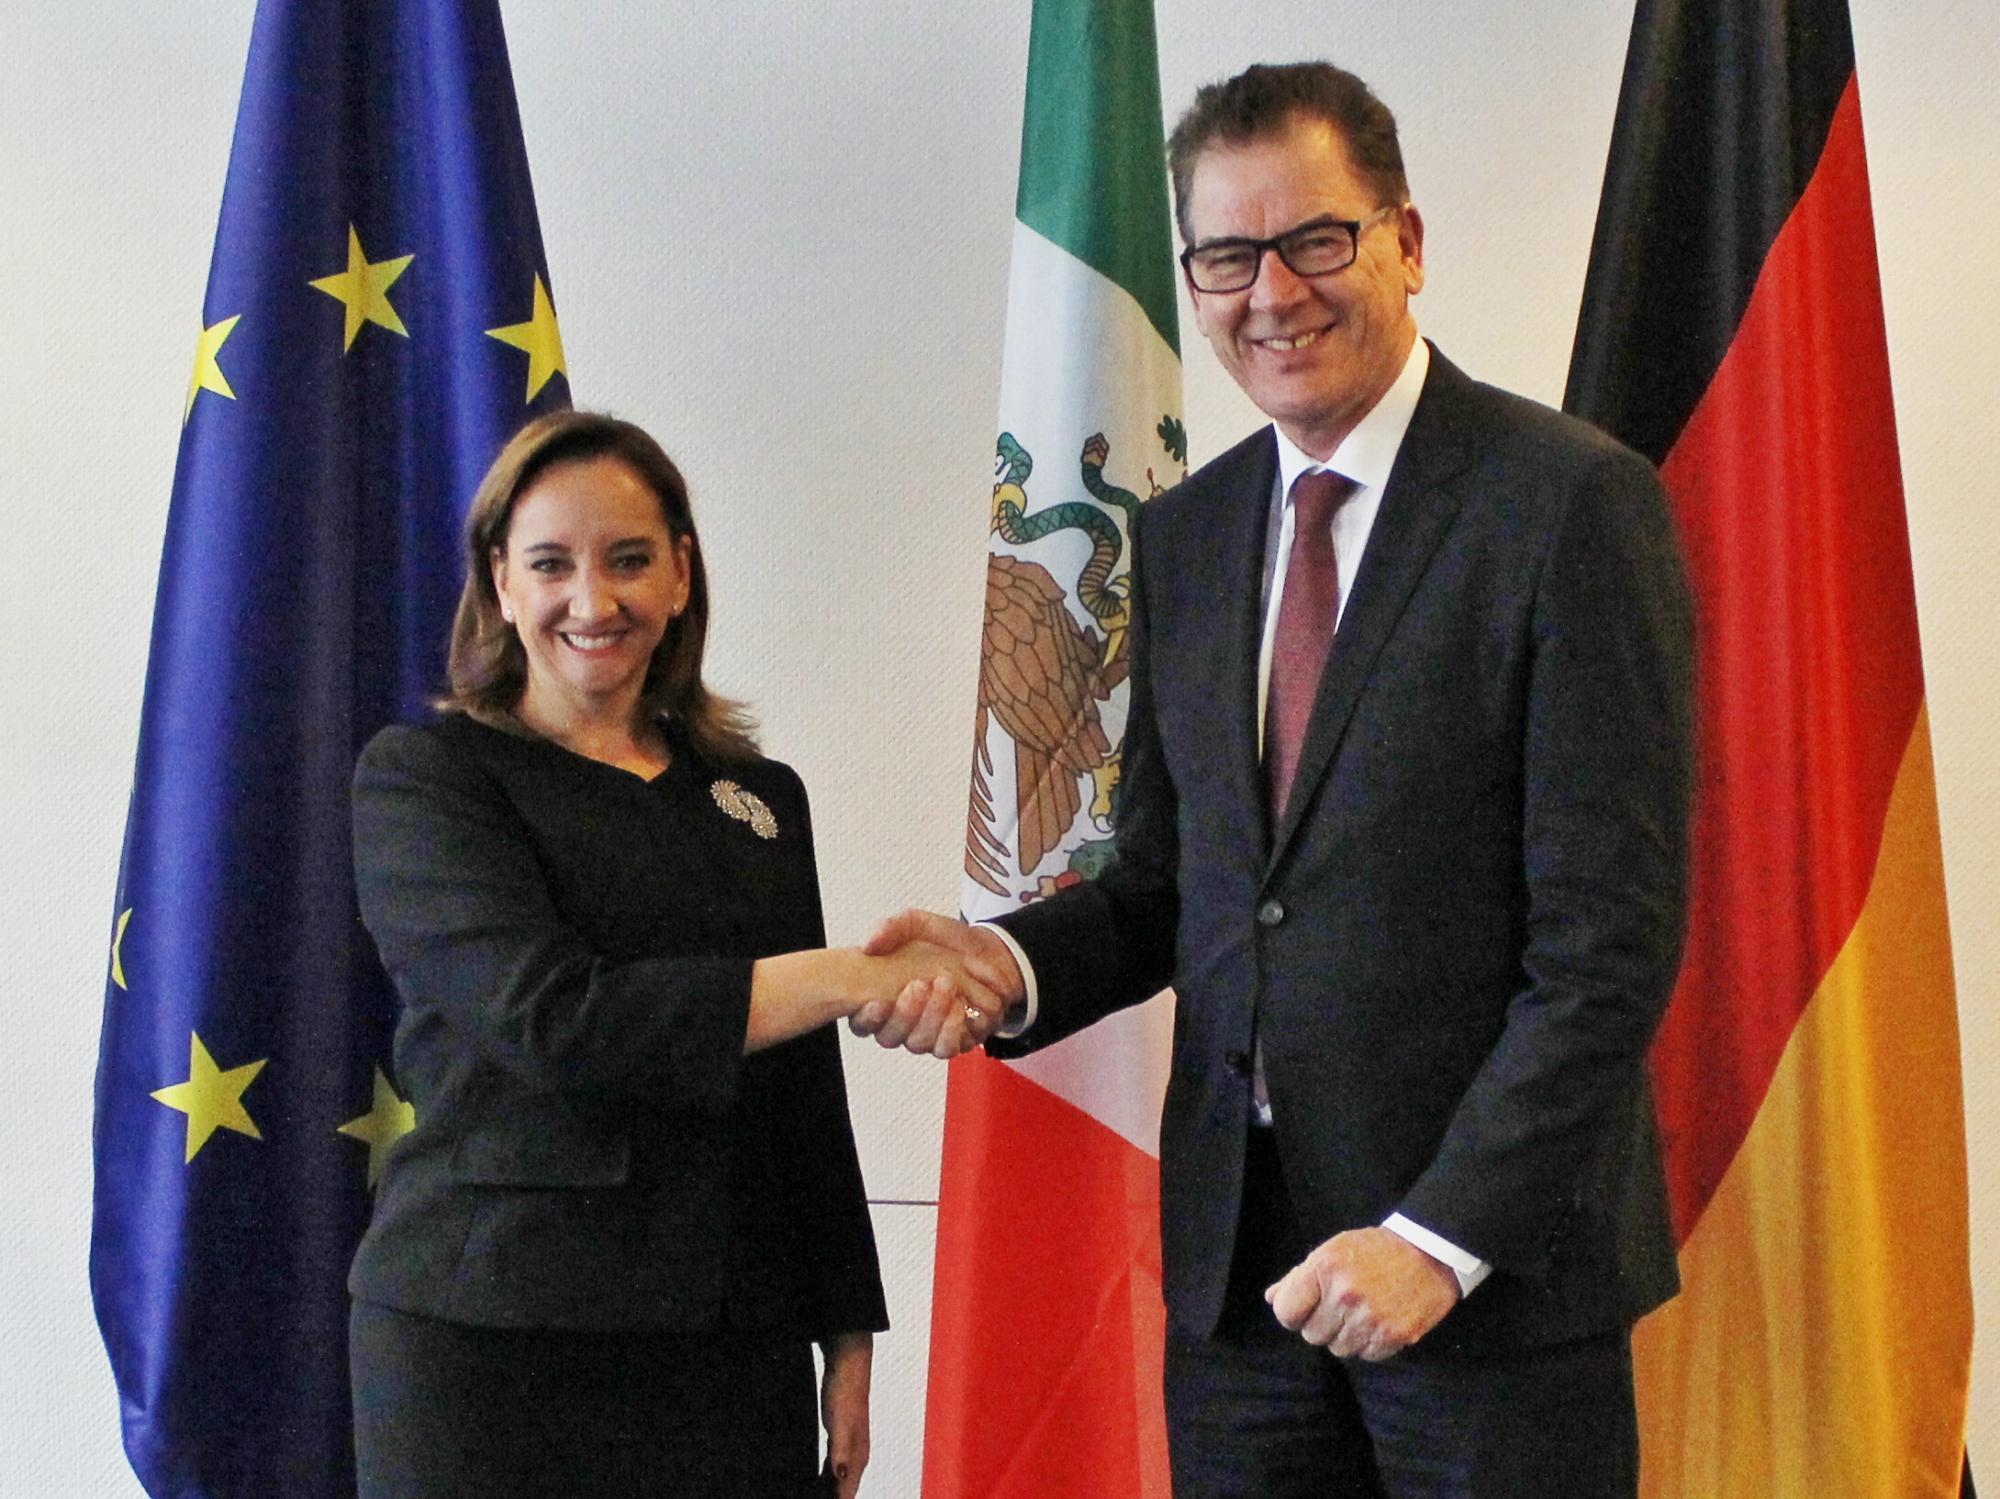 FOTO 2 Canciller Claudia Ruiz Massieu con el Ministro Federal de Cooperaci n Econ mica y Desarrollo  Gerd M llerjpg